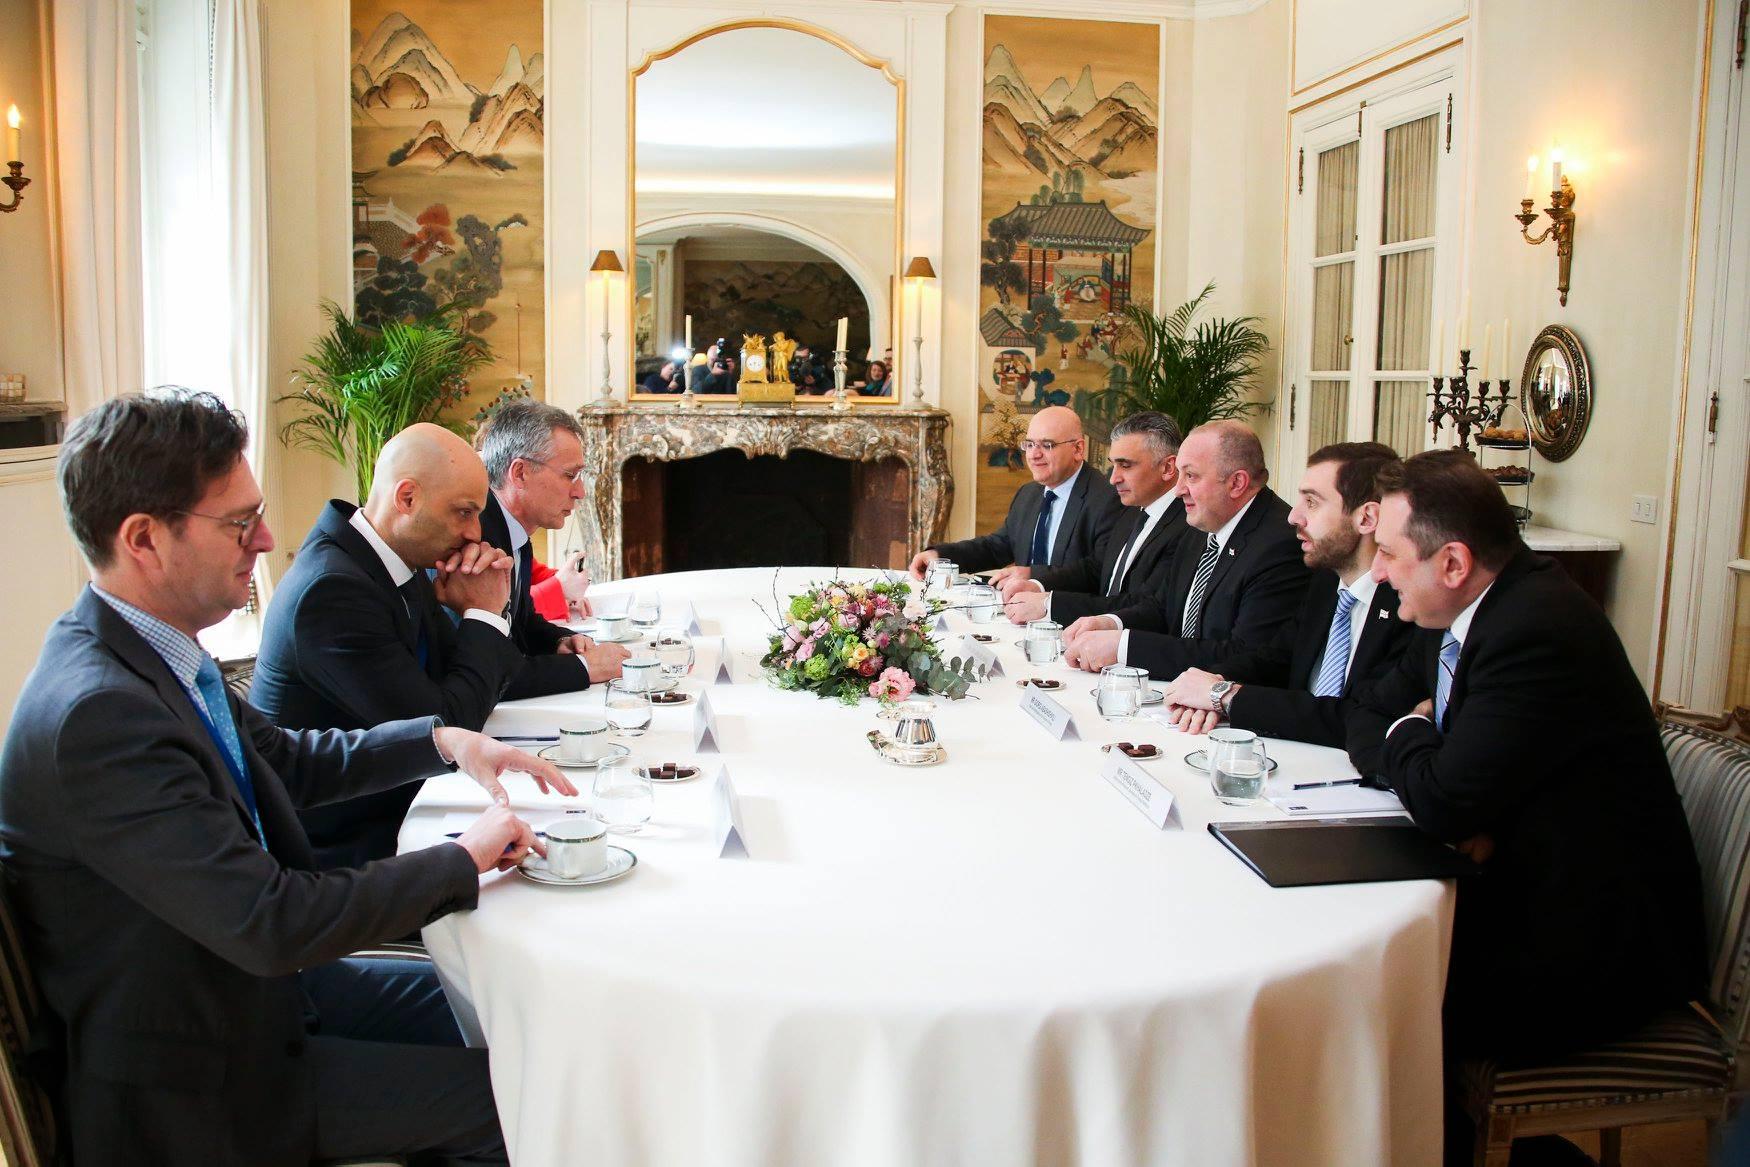 Margvelashvili Stoltenberg 3 #новости брюссель, Георгий Маргвелашвили, Грузия, Йенс Столтенберг, НАТО, саммит